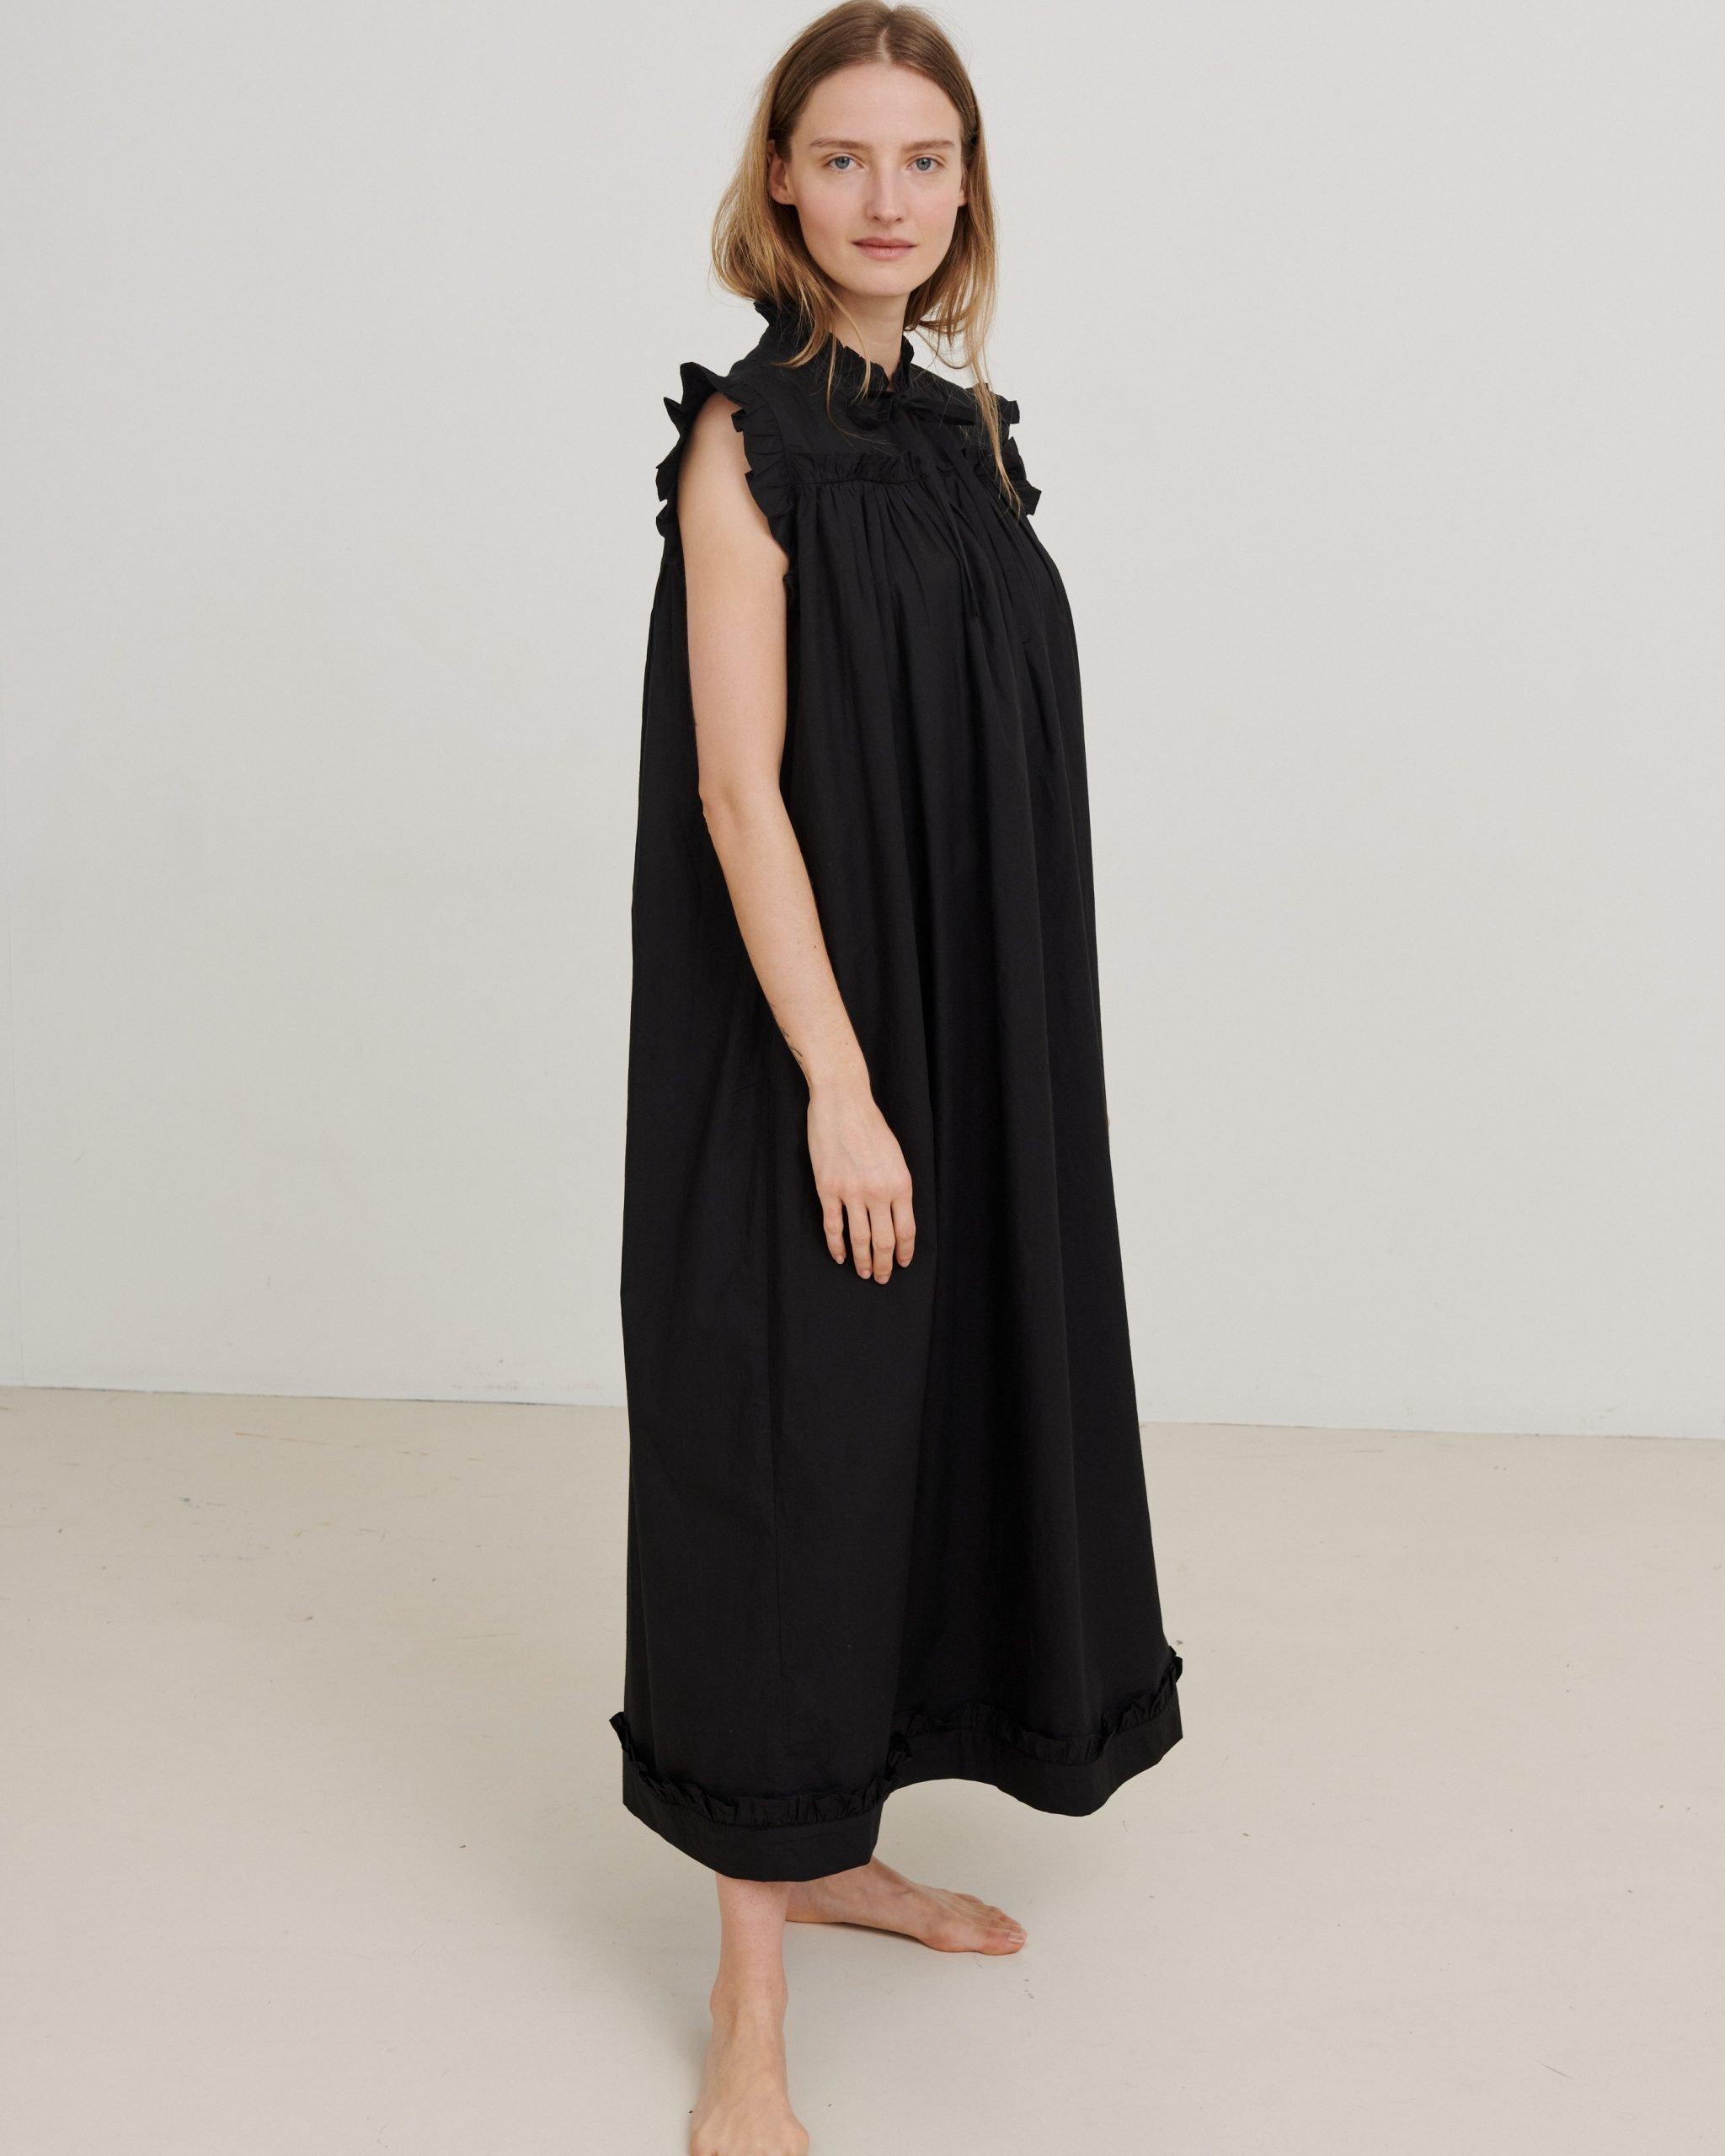 Women wearing SKall Studio Dress